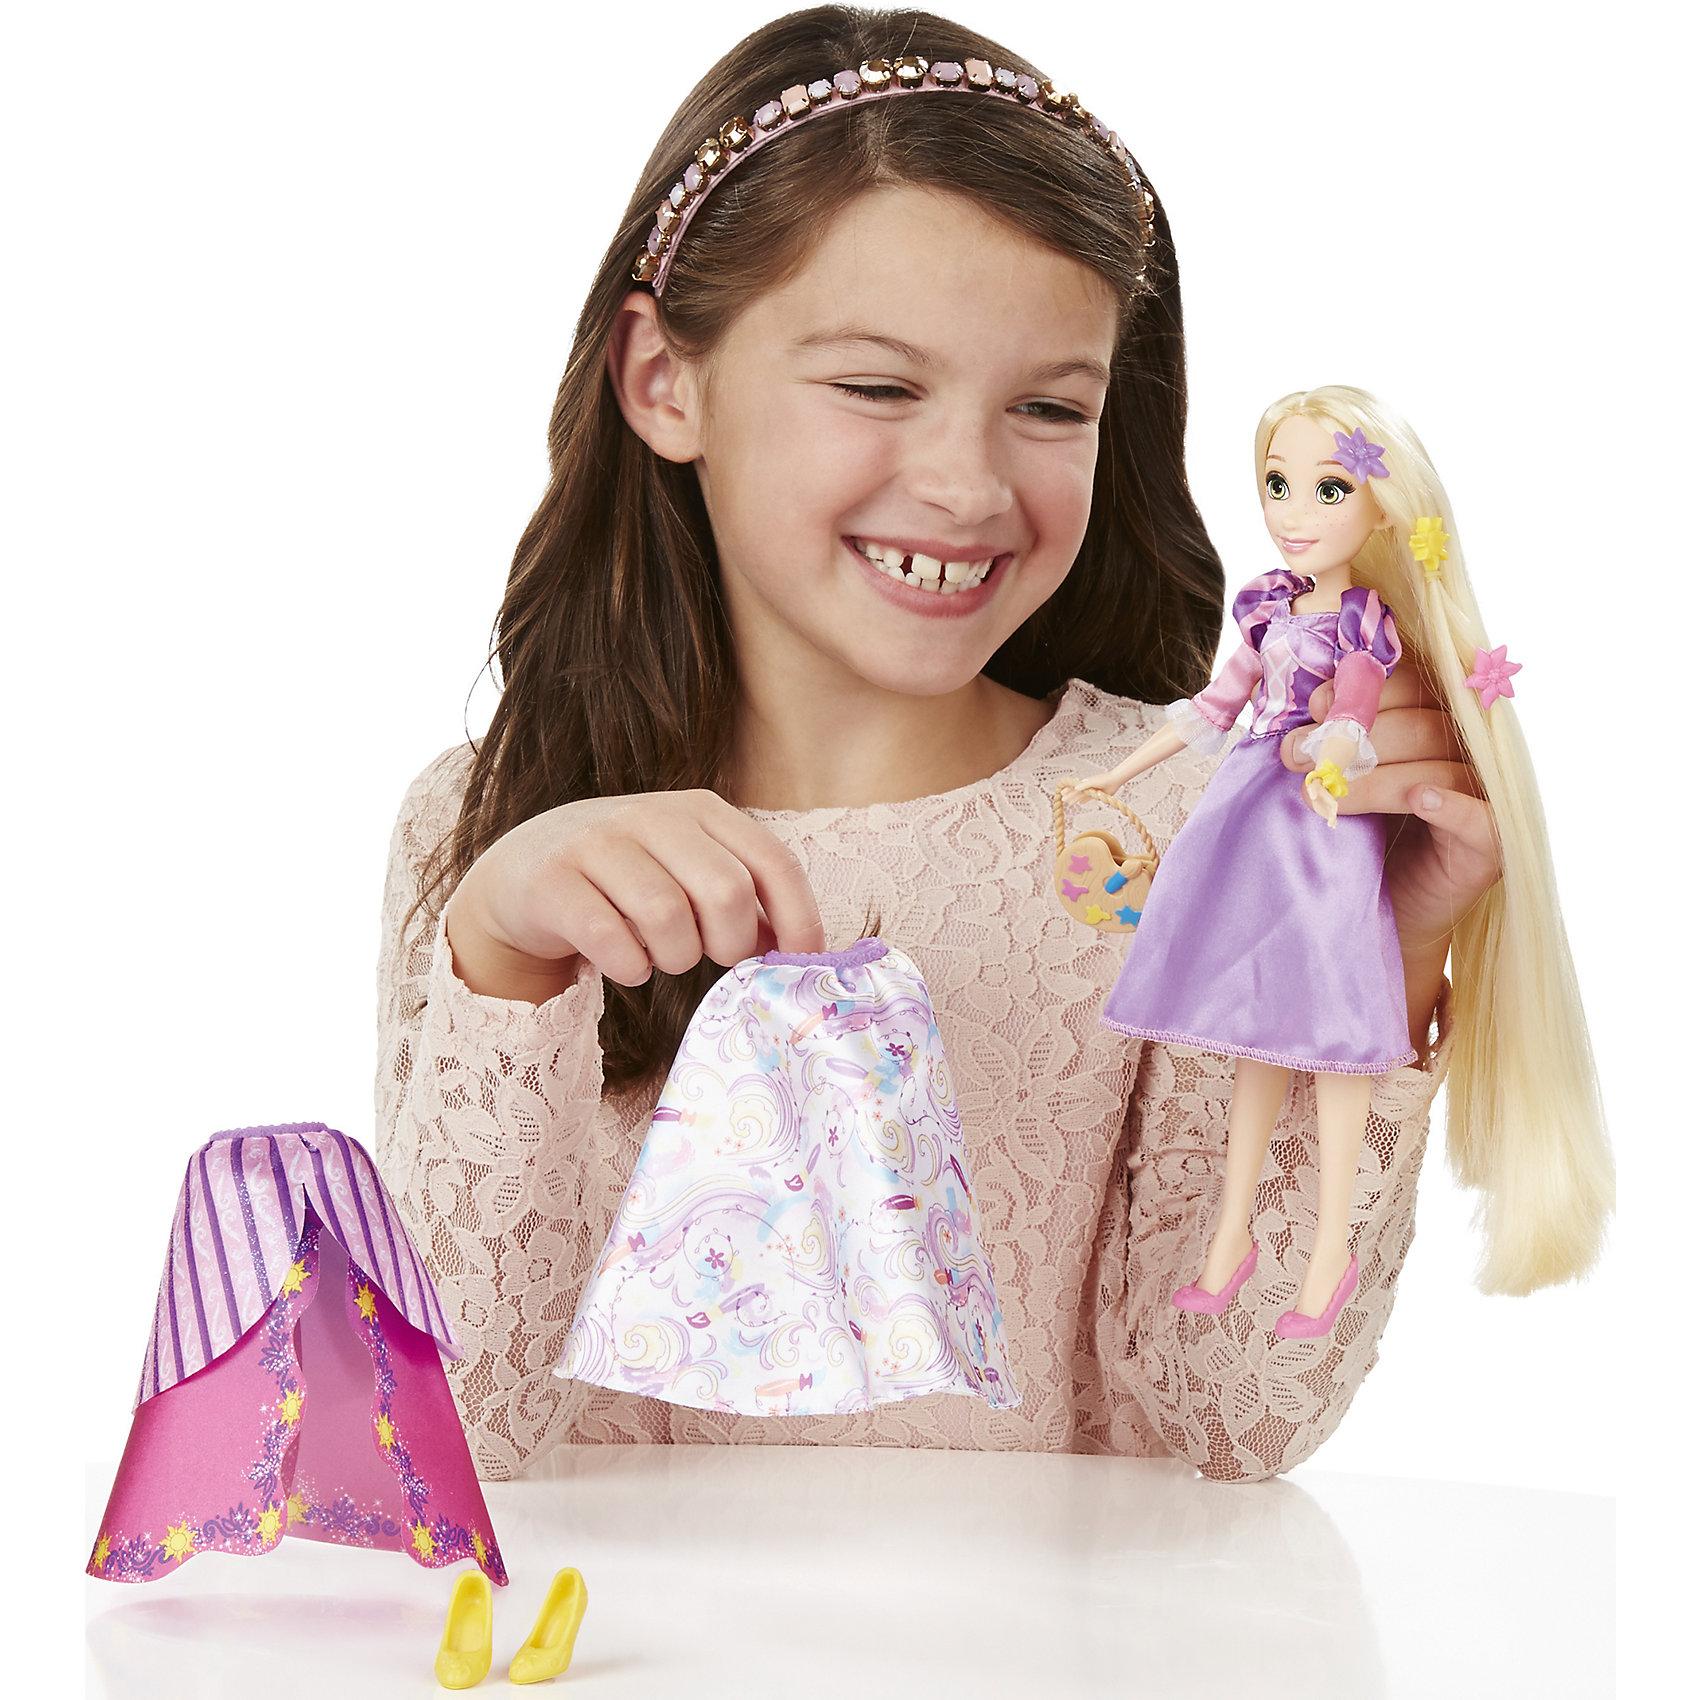 Hasbro Кукла Рапунцель в  платье со сменными юбками, Принцессы Дисней, B5312/B5315 hasbro мини кукла принцессы дисней